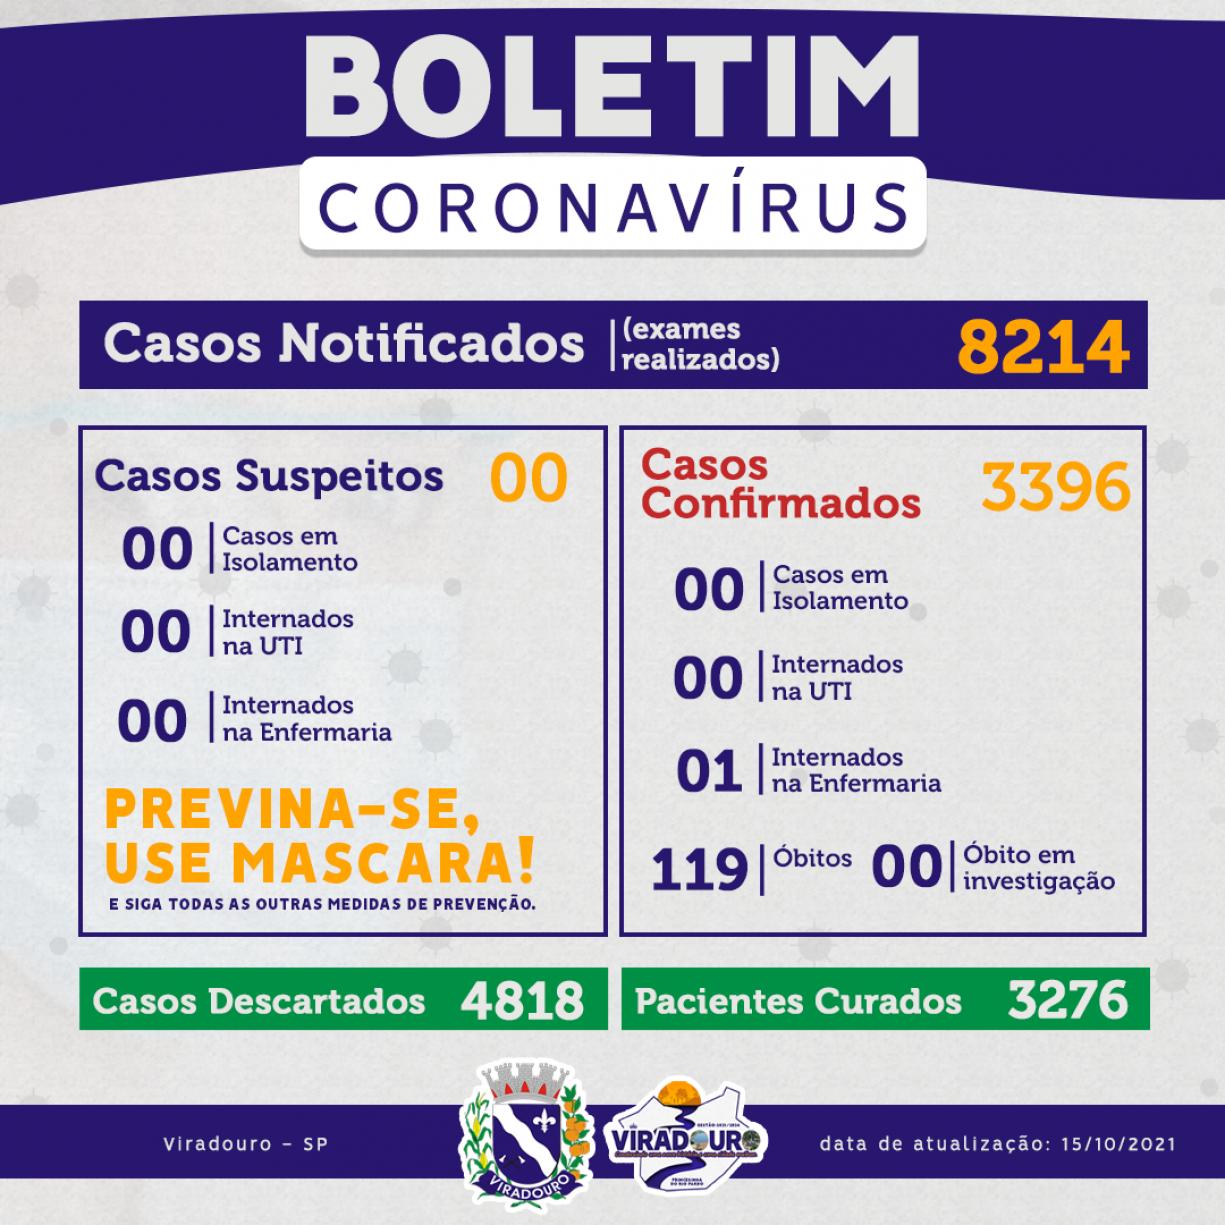 CORONAVÍRUS: BOLETIM EPIDEMIOLÓGICO (ATUALIZAÇÃO 15/10/2021)